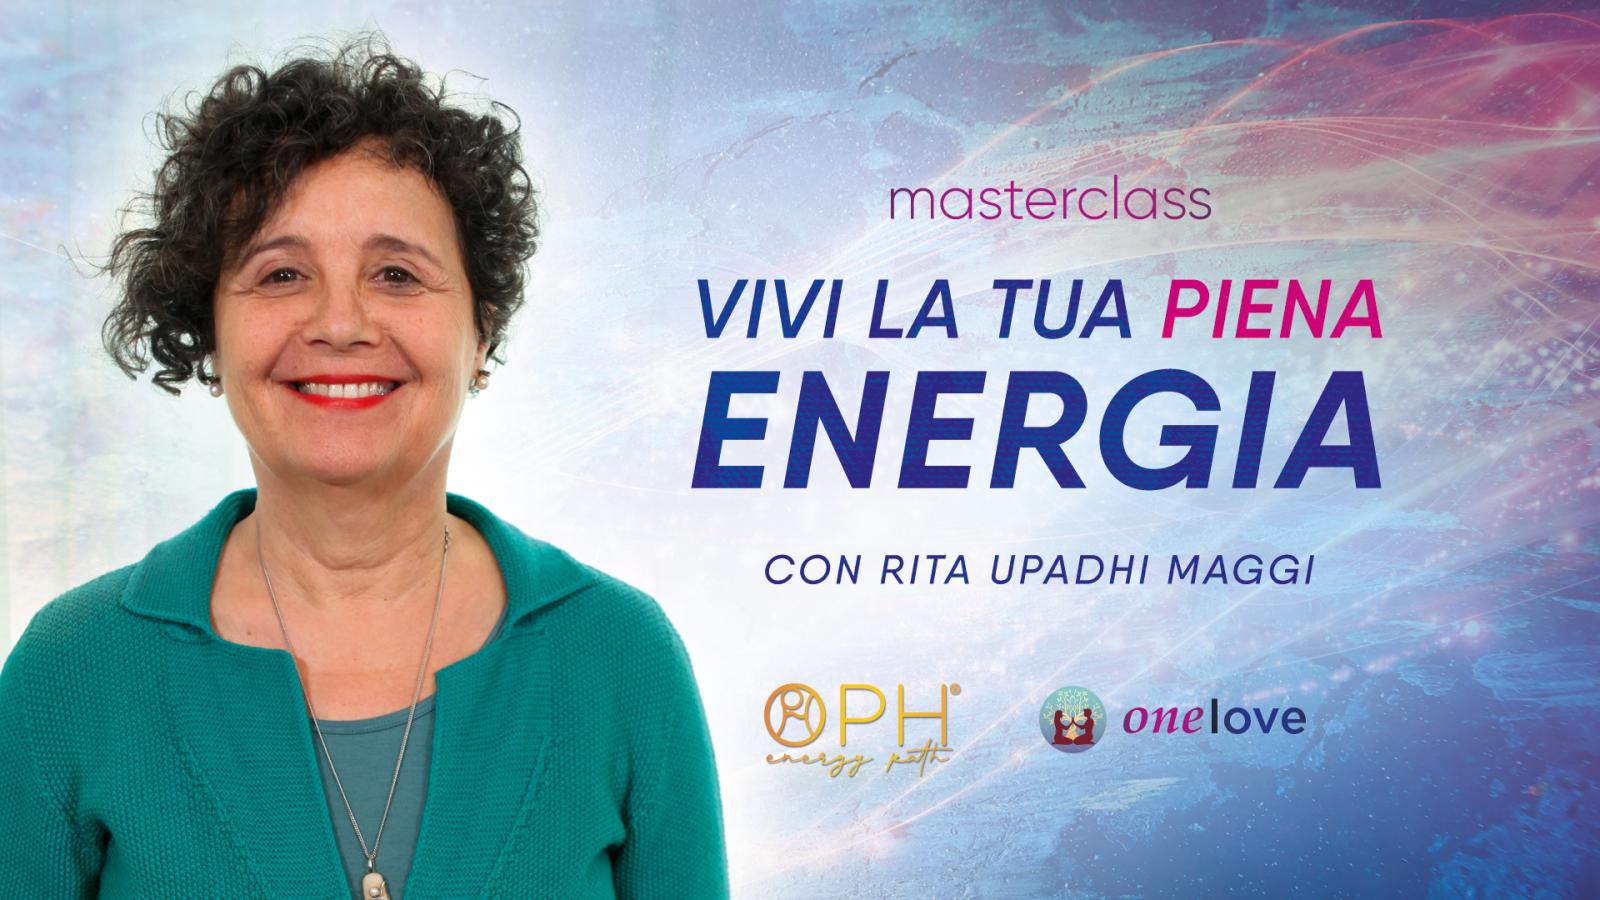 Vivi la Tua Piena ENERGIA - Masterclass Gratuita